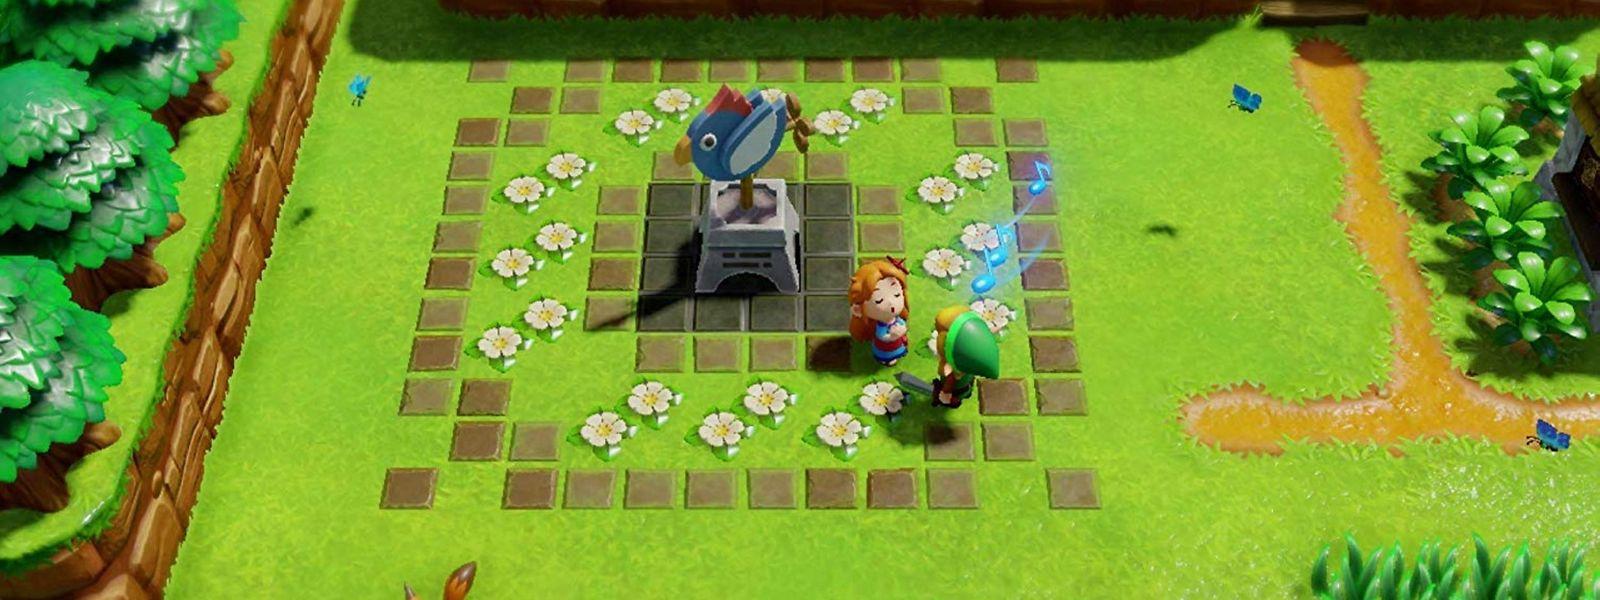 """Putziges Remake: Der Look des Originals wurde bei """"The Legend of Zelda: Link's Awakening"""" verändert, das Spielgefühl bleibt erhalten."""